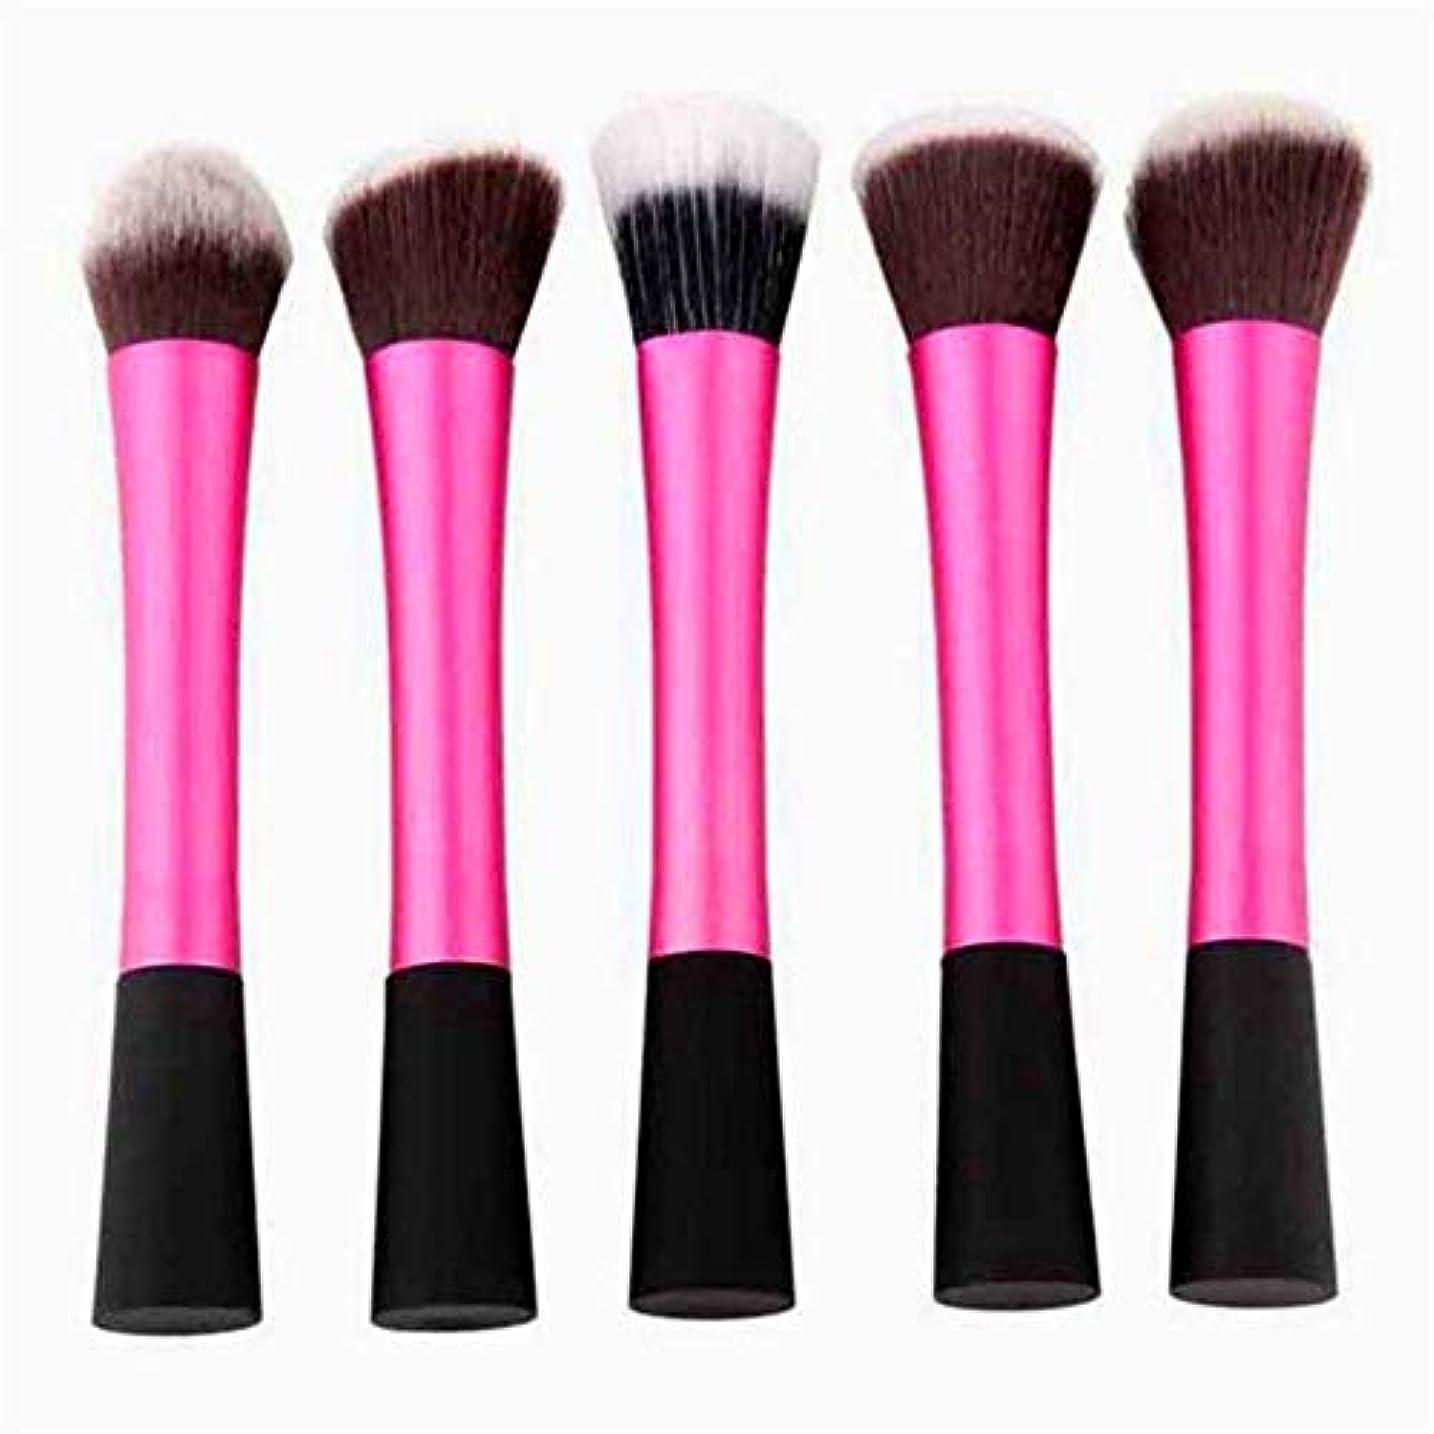 チューリップどう?フィドルMakeup brushes 5ピースピンクメイクアップブラシセット熟したアイドルパウダーブラシアイシャドウブラシ輪郭ブラシ suits (Color : Pink)